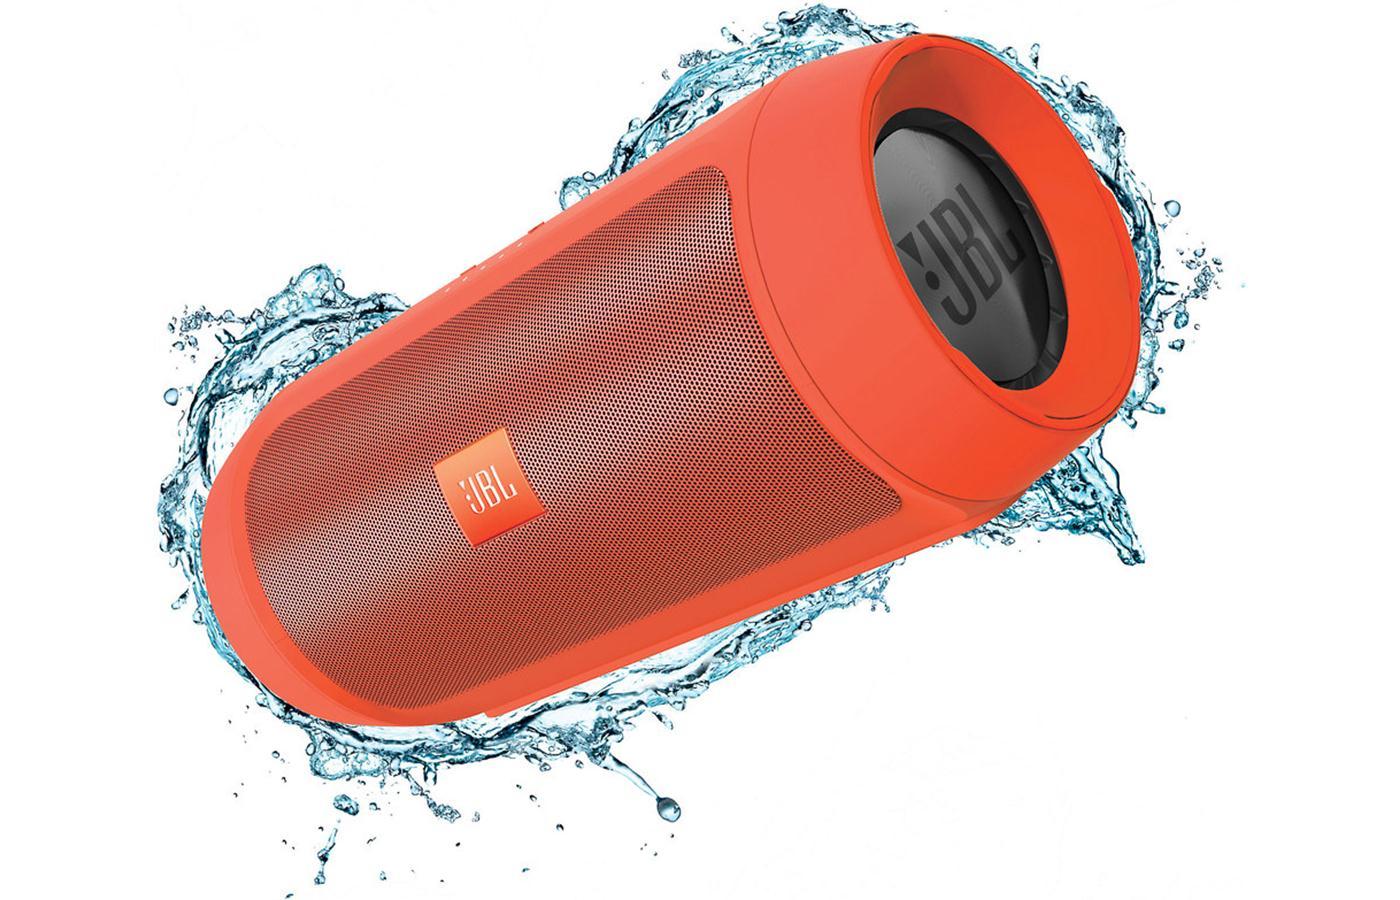 JBL Charge 2+ ลำโพงพกพากันน้ำได้ พลังเสียงเบสอิ่ม แน่น กระหึ่ม (Orange) แถมกระเป๋าฟรี 1 ใบ